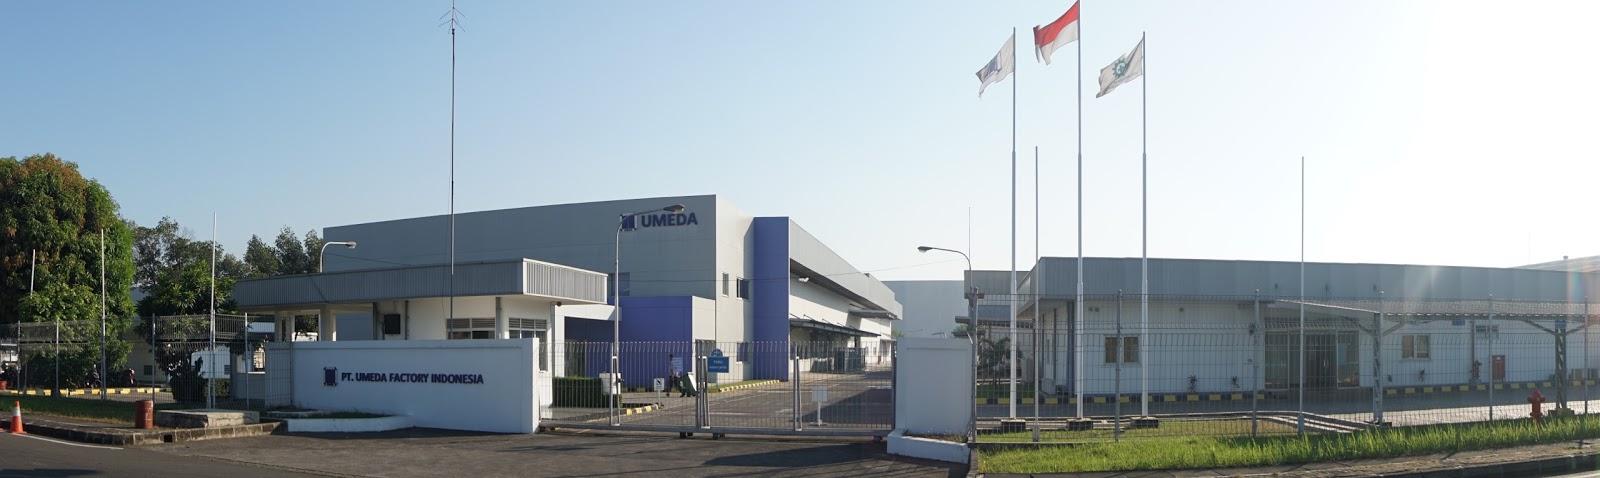 Lowongan Kerja PT Umeda Factory Indonesia Kawasan MM2100